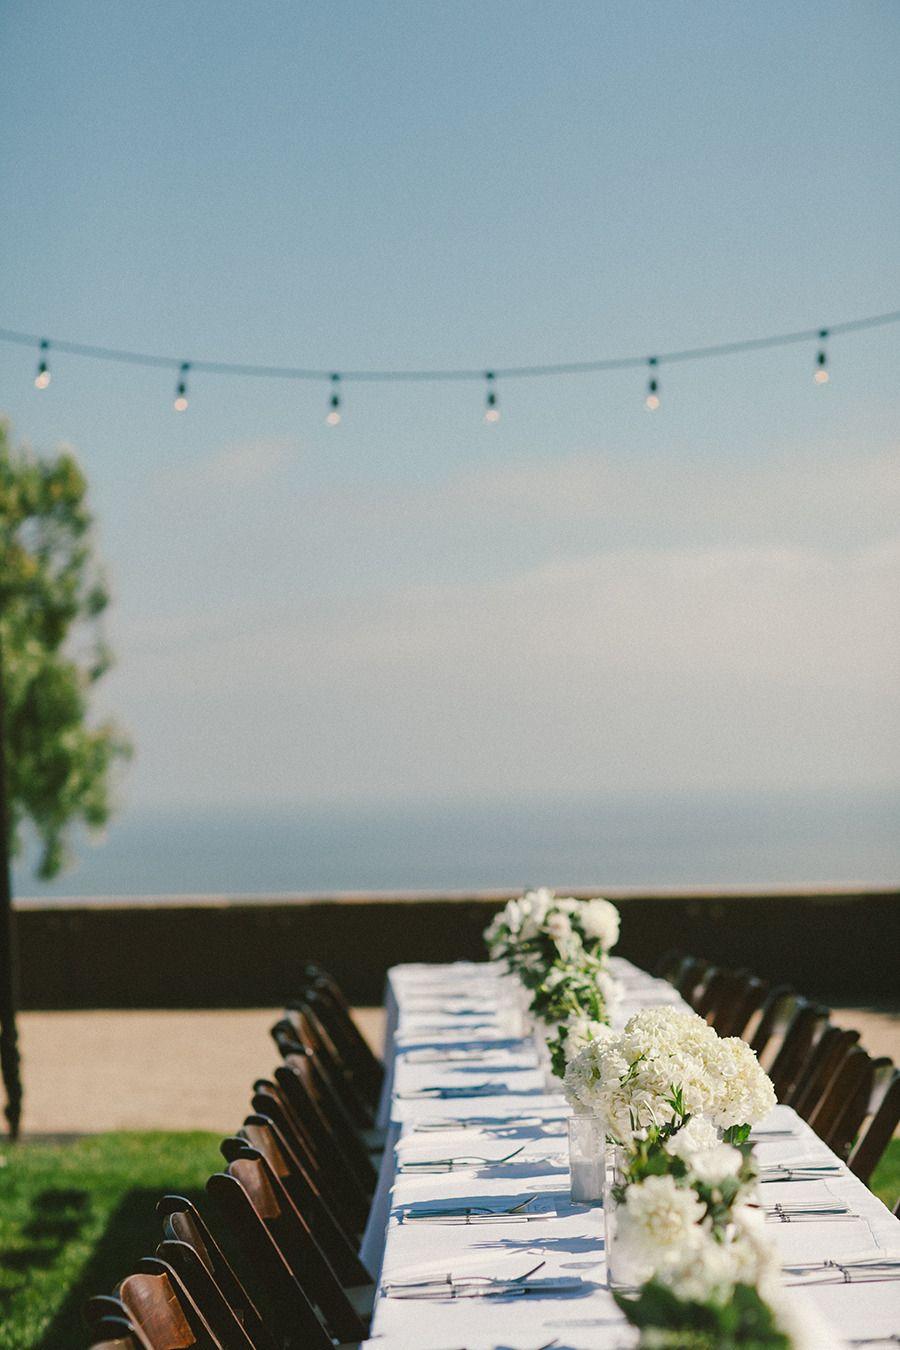 #Wedding #Tablescape #WhiteFlowers | #AlFresco | Photography: EmilyBlakePhoto.com